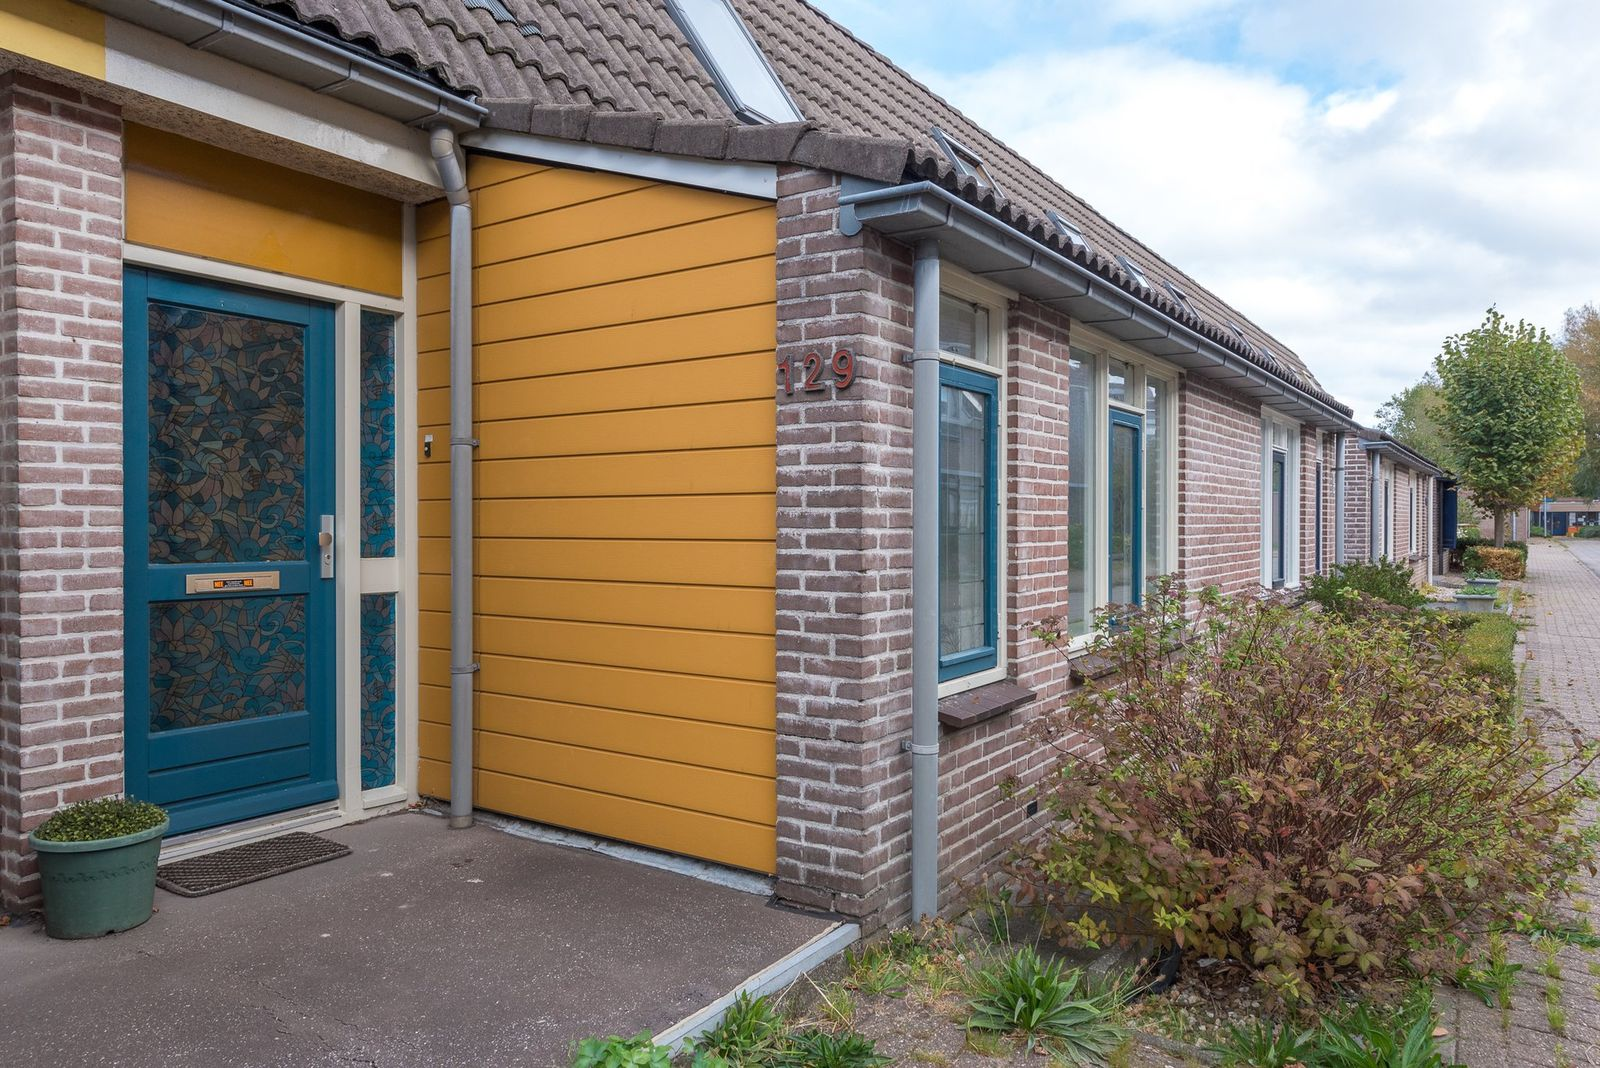 Jaagmeent 129, Almere